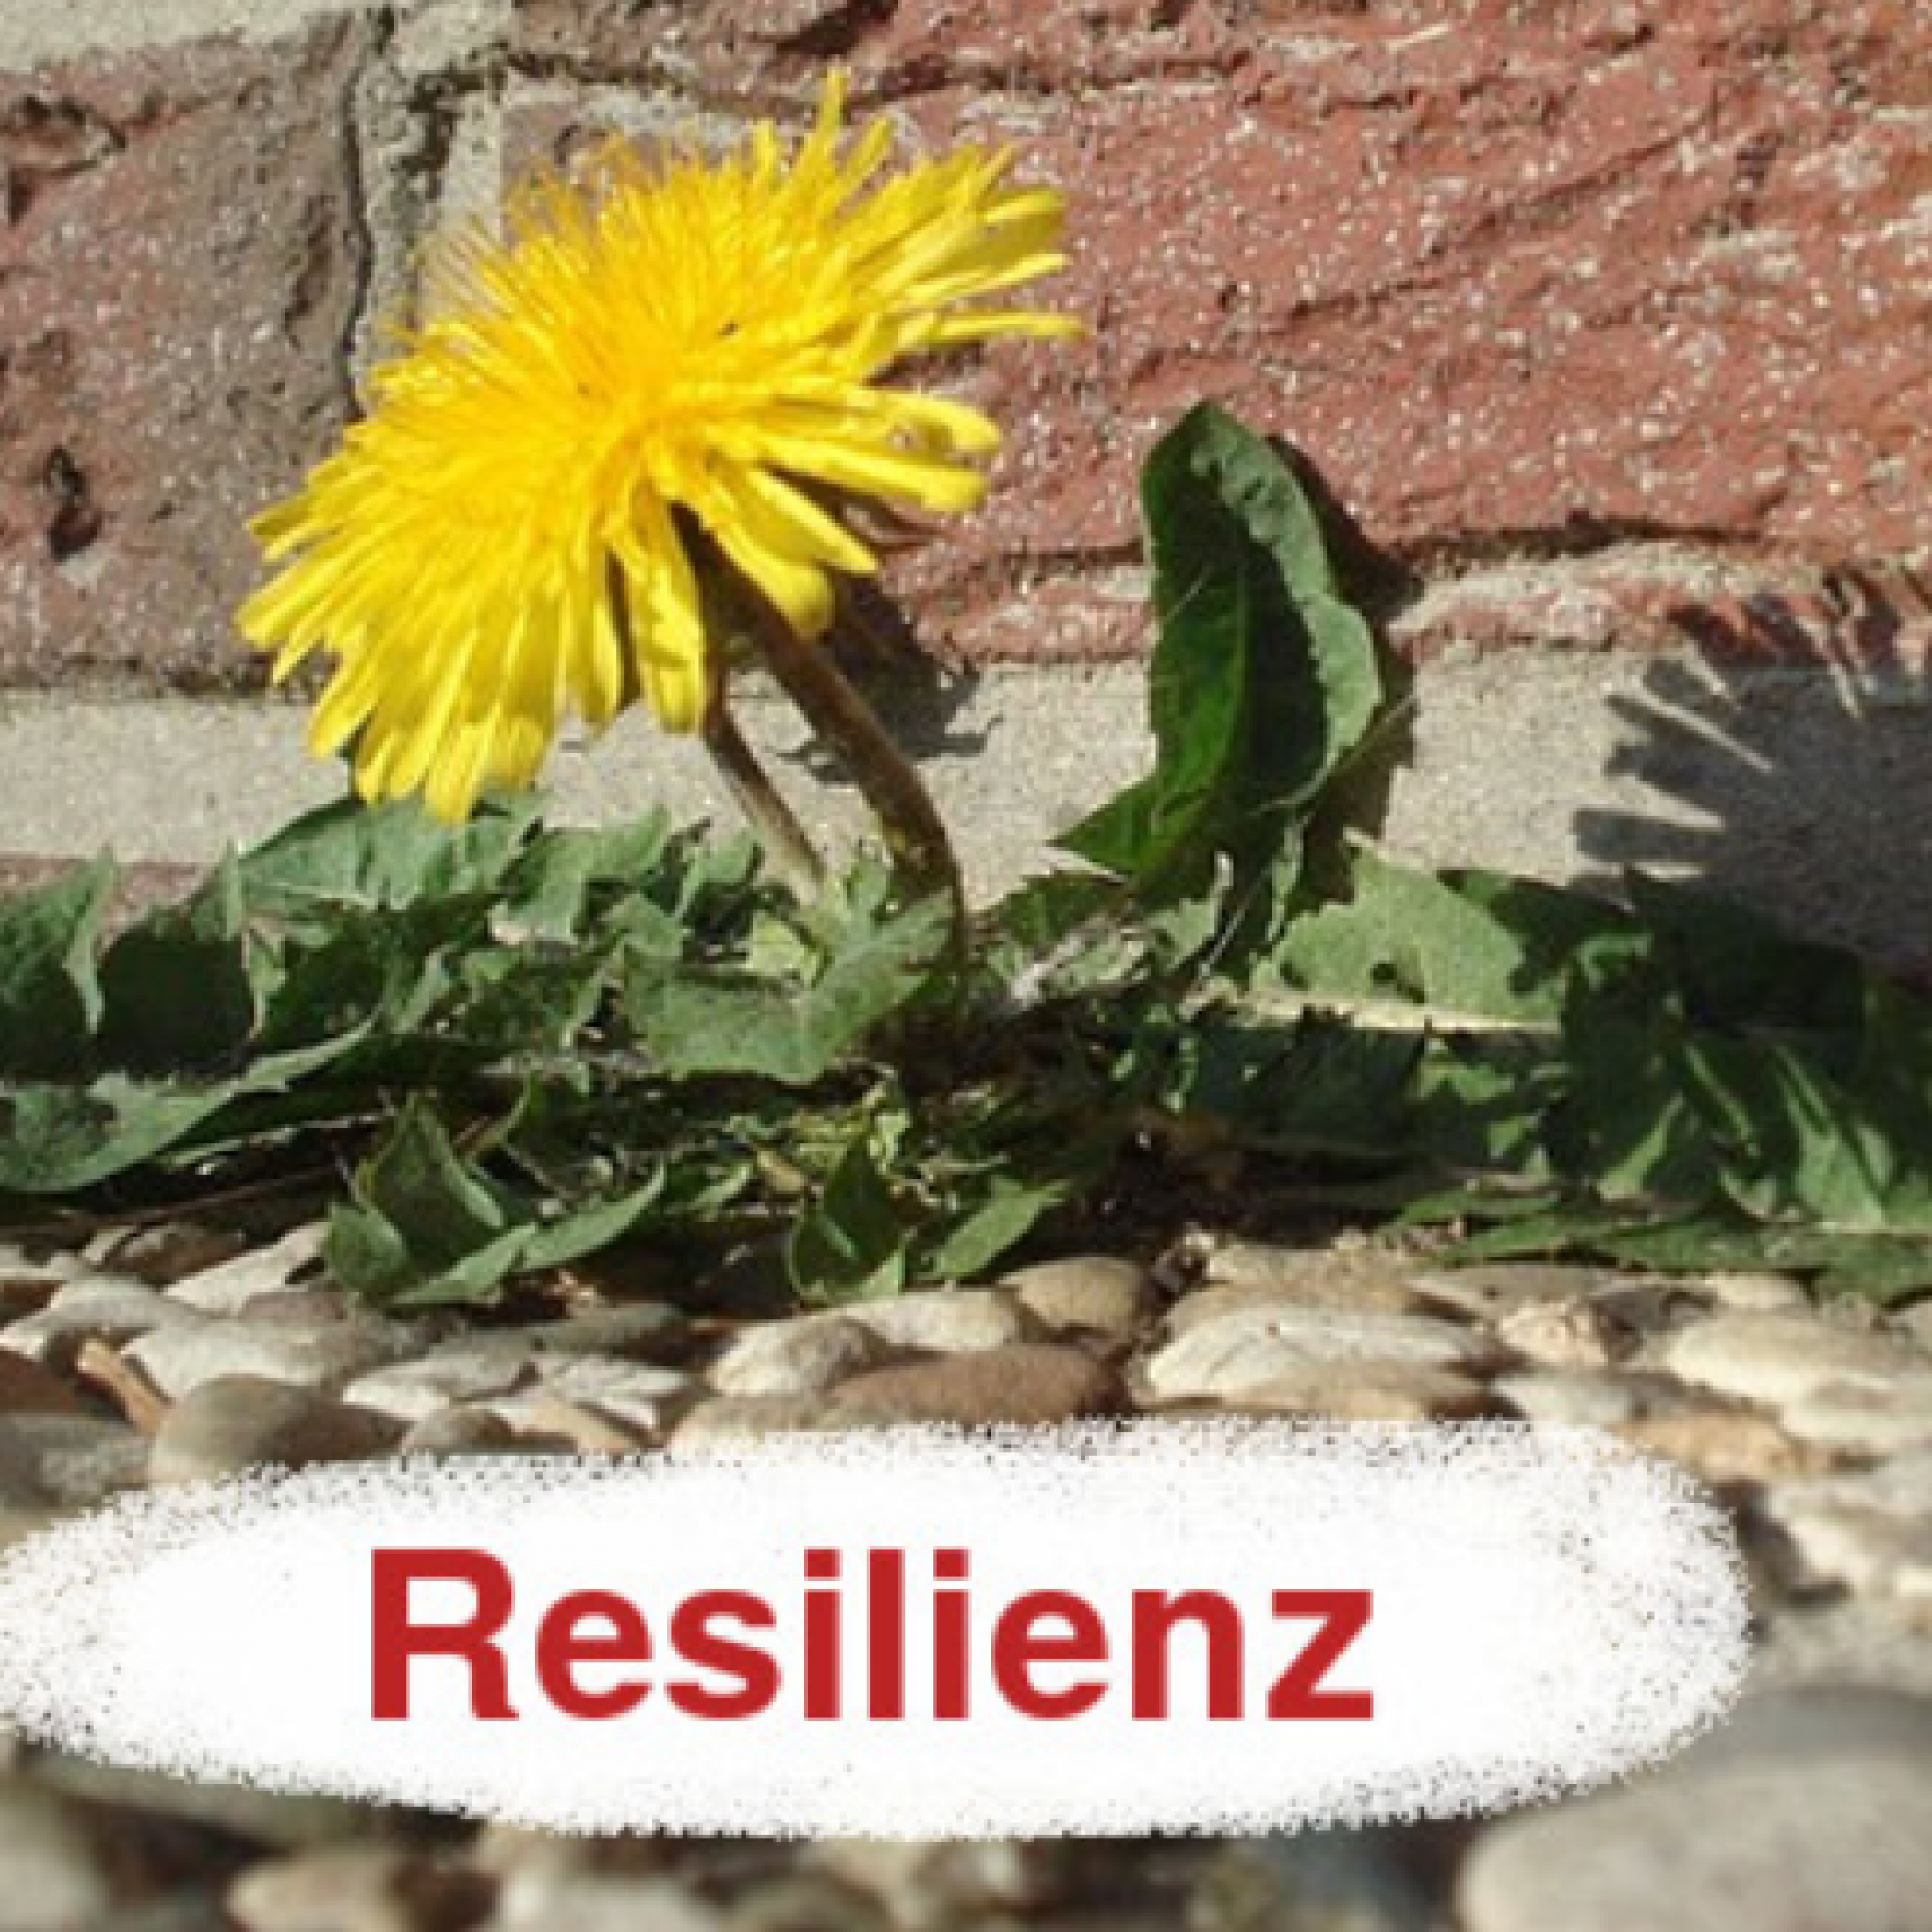 Resilienz_LöwenZahn